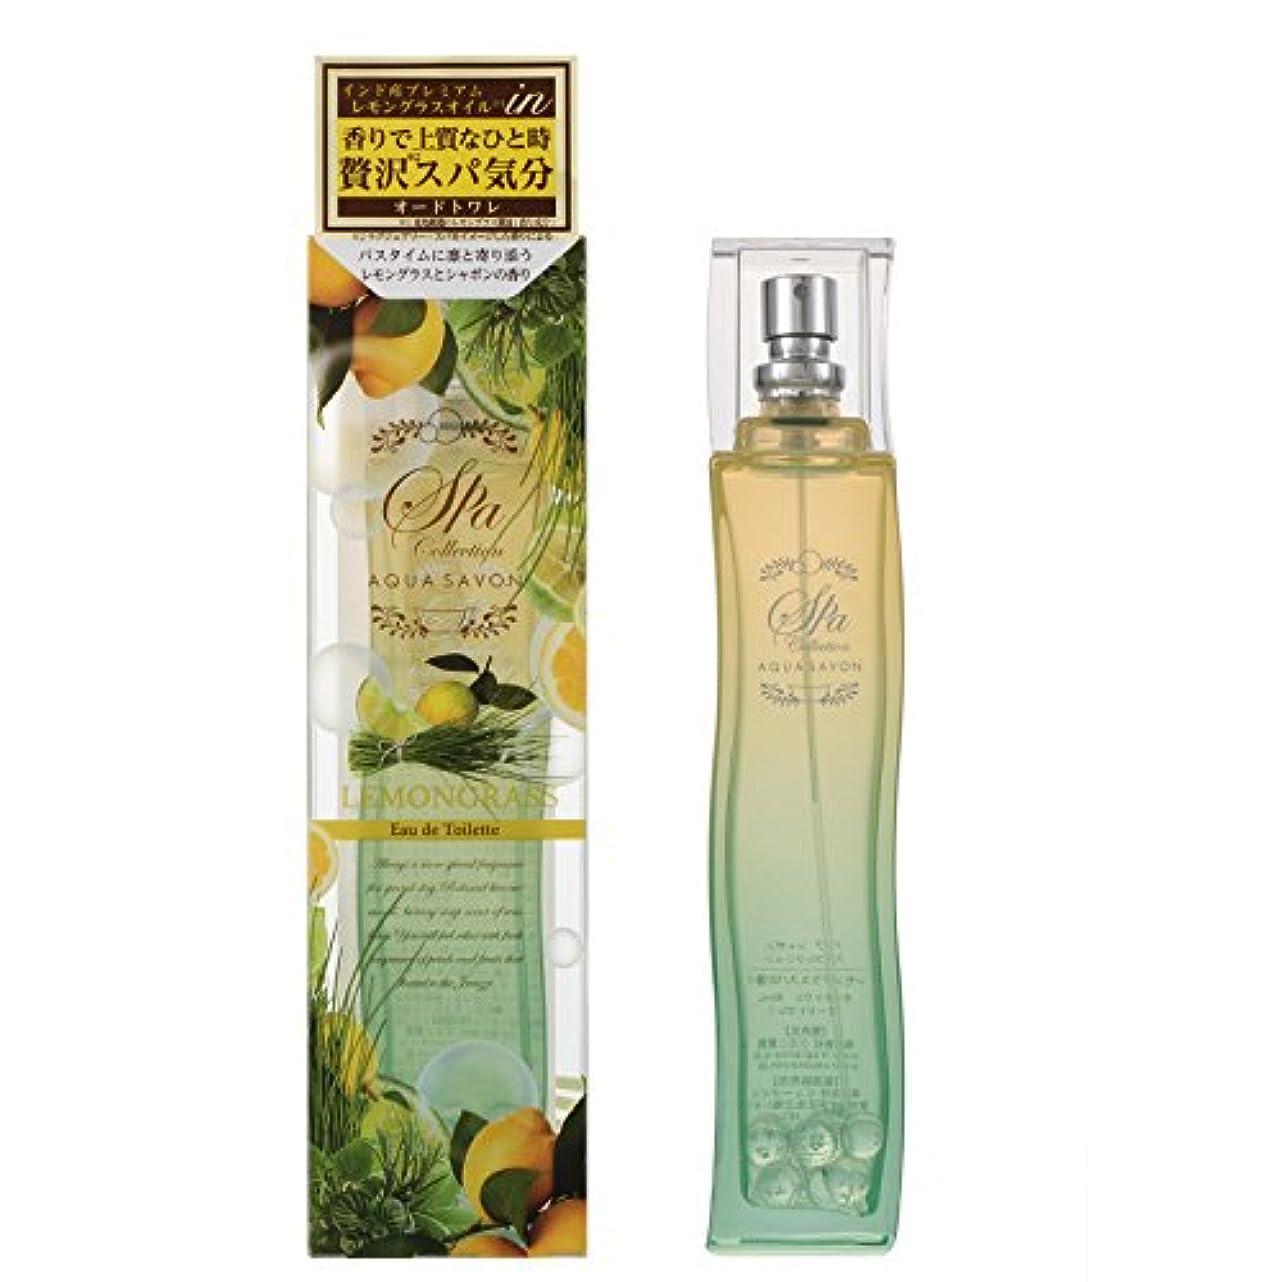 むちゃくちゃ思い出す嫌悪アクアシャボン スパコレクション レモングラススパの香り オードトワレ 80mL